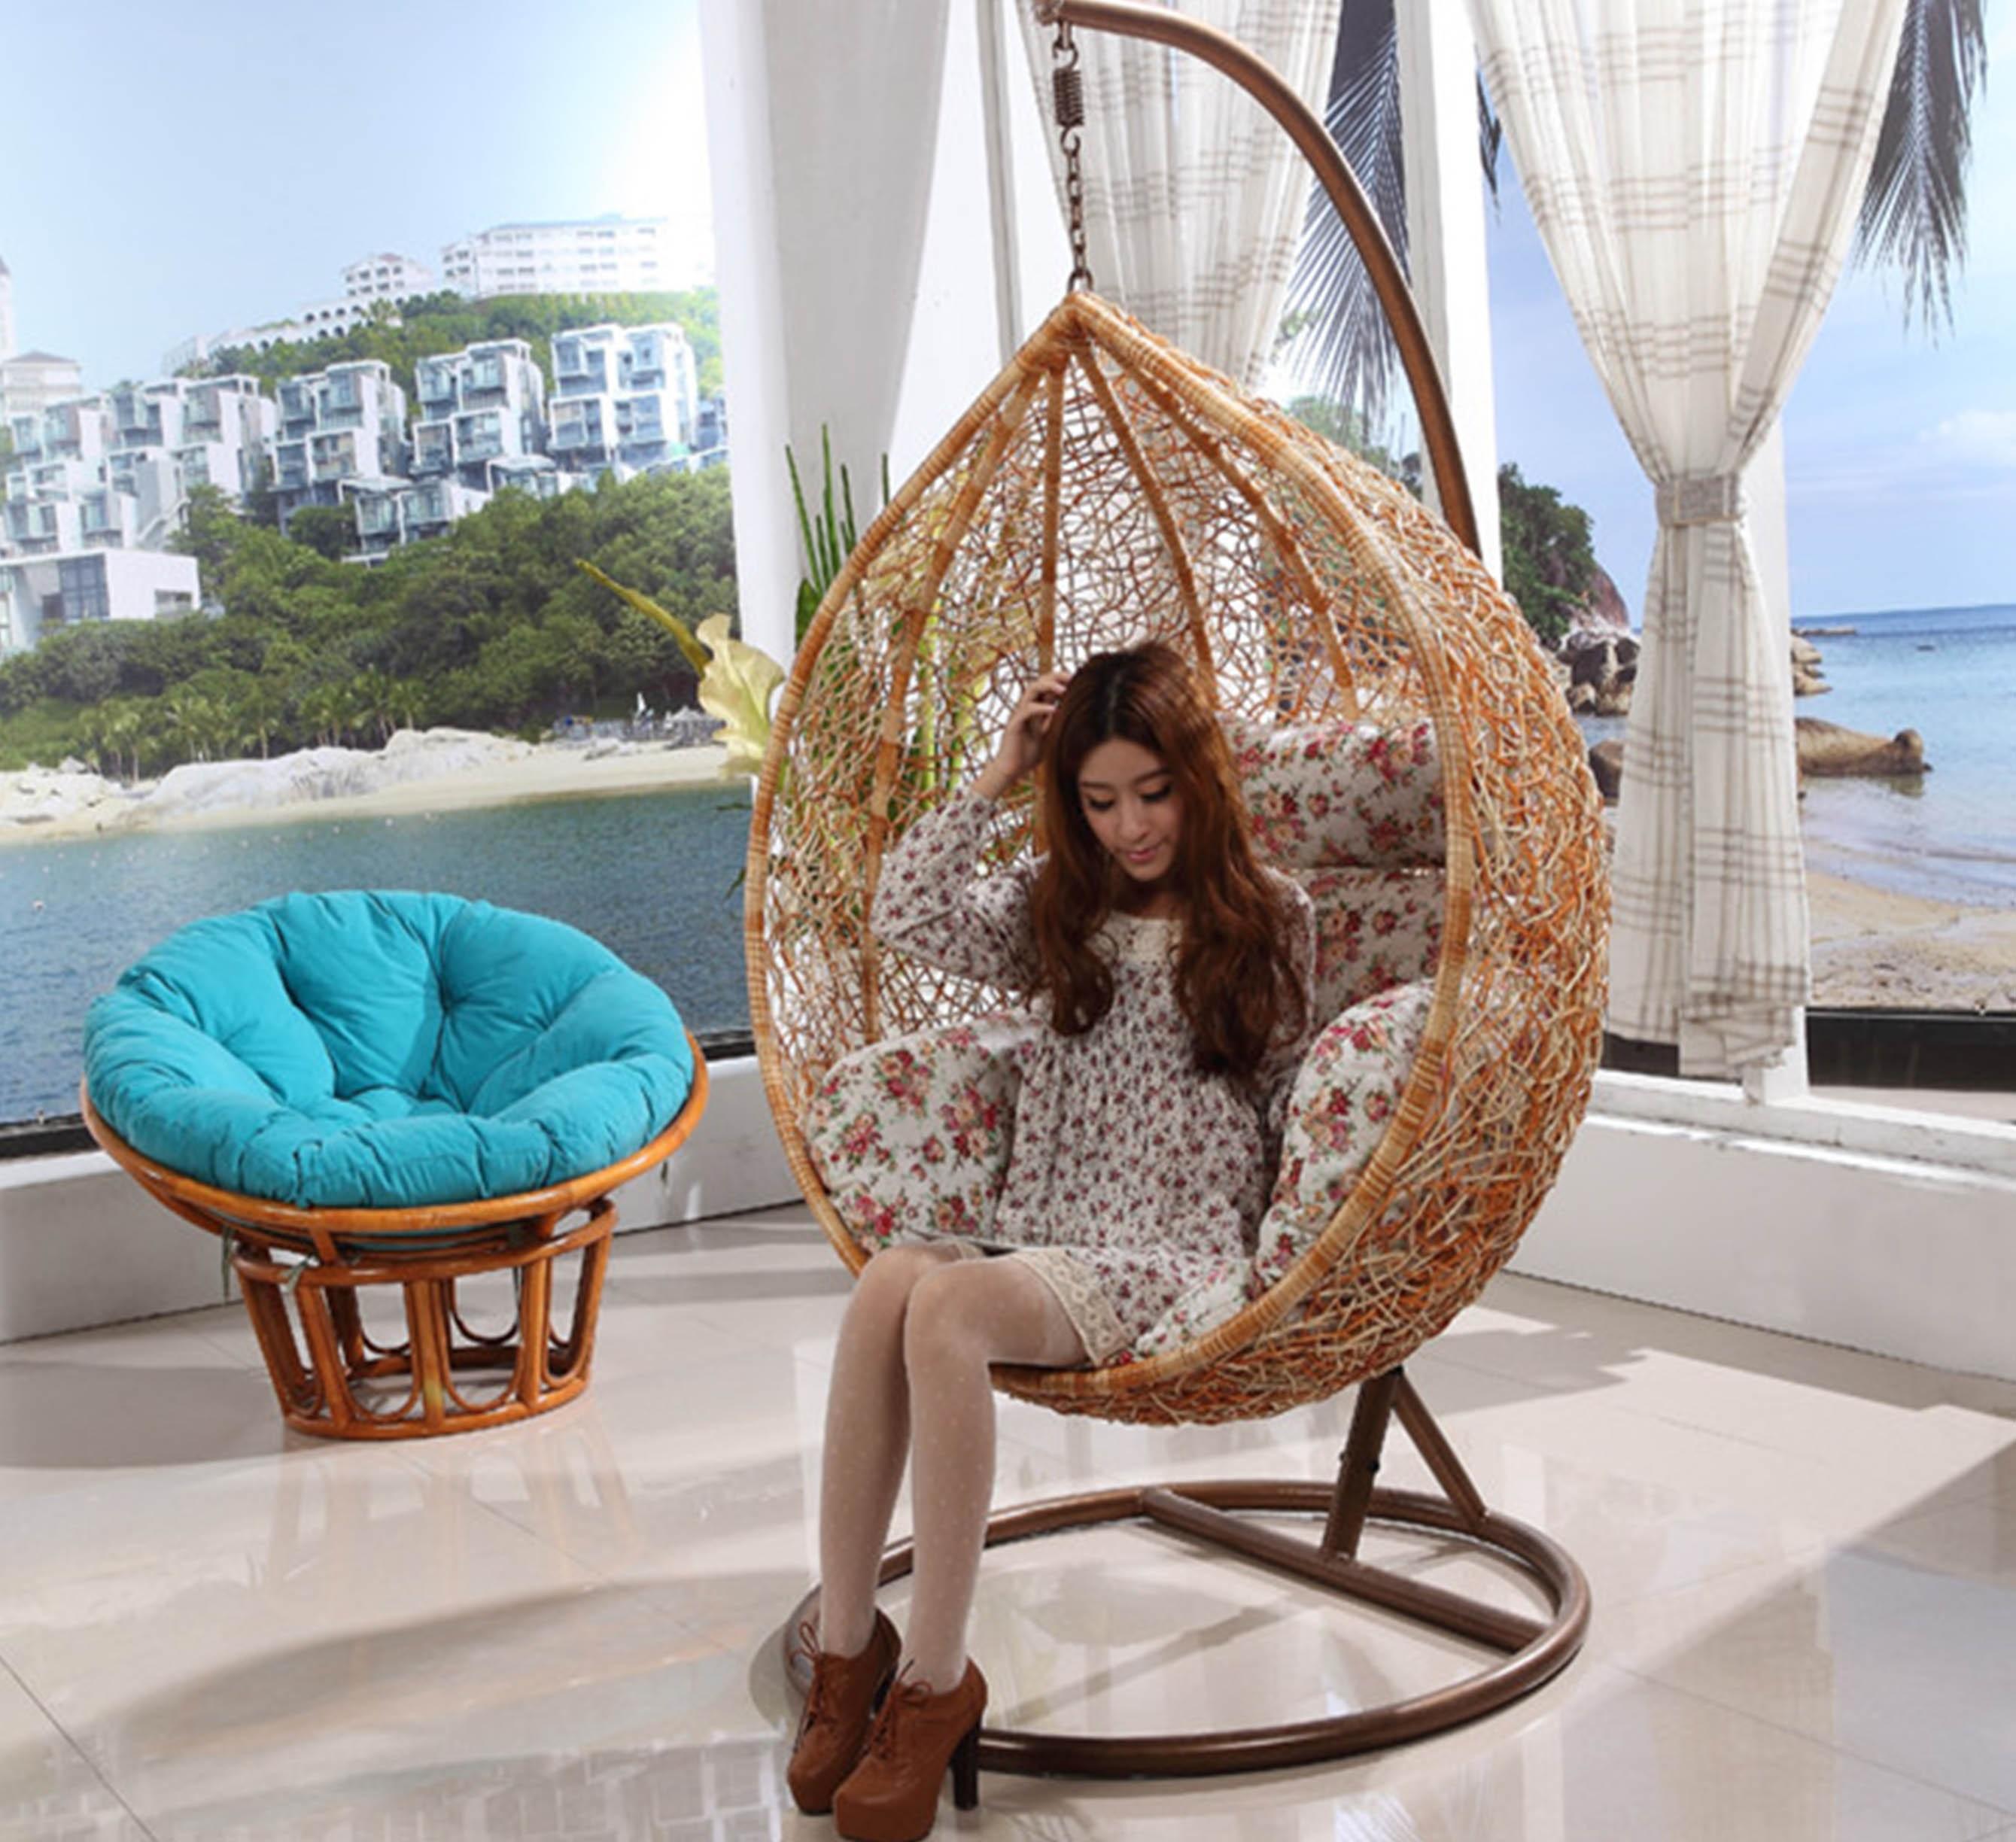 hanging basket chair indoor stidd accessories outdoor furniture balcony rattan swing